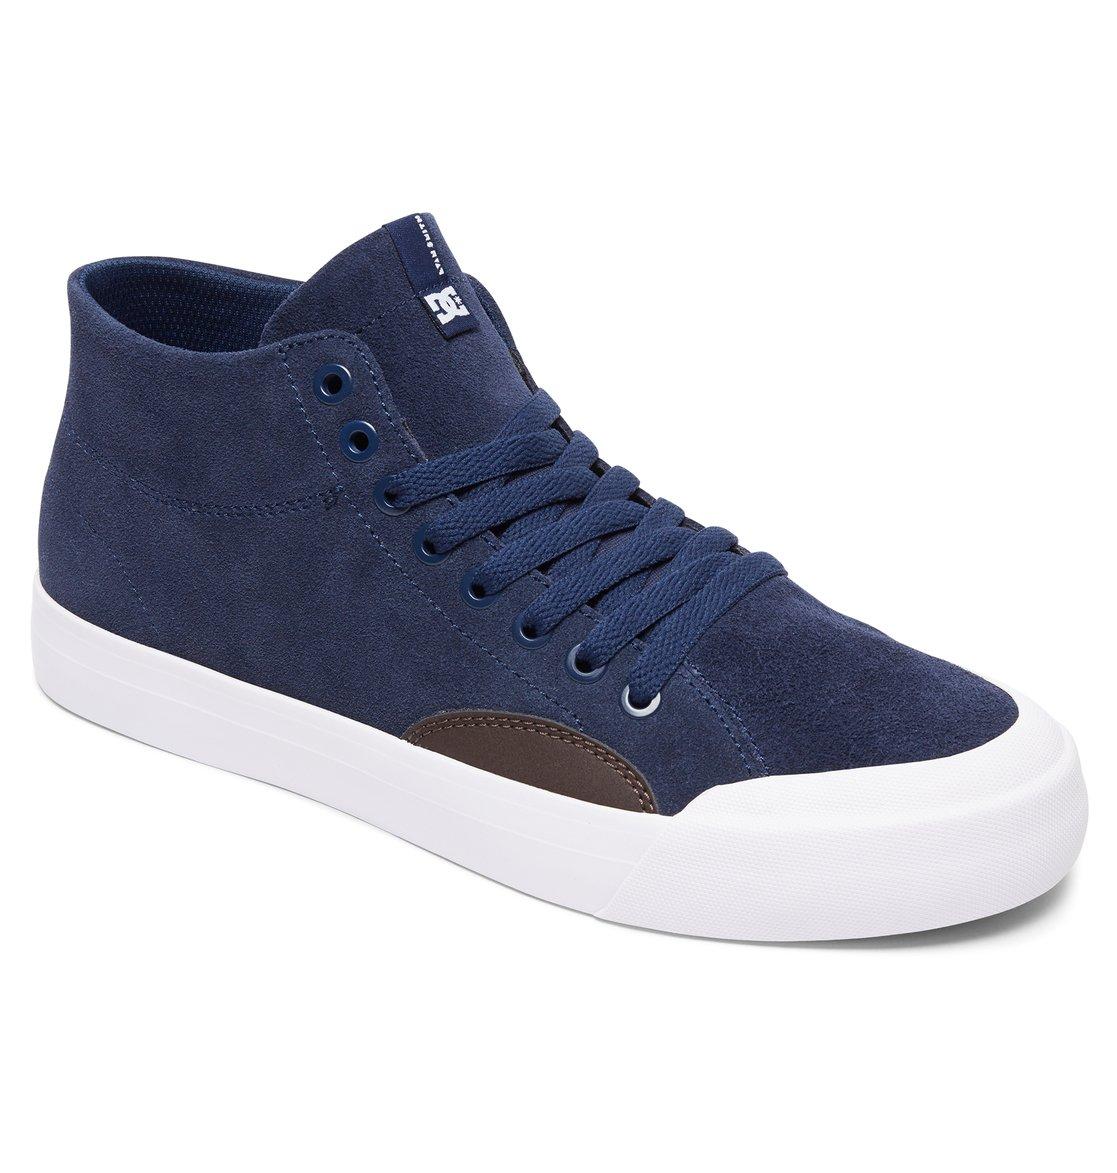 Montantes Homme Smith De Skate Evan S Chaussures Zero Pour Hi l1JKcFT